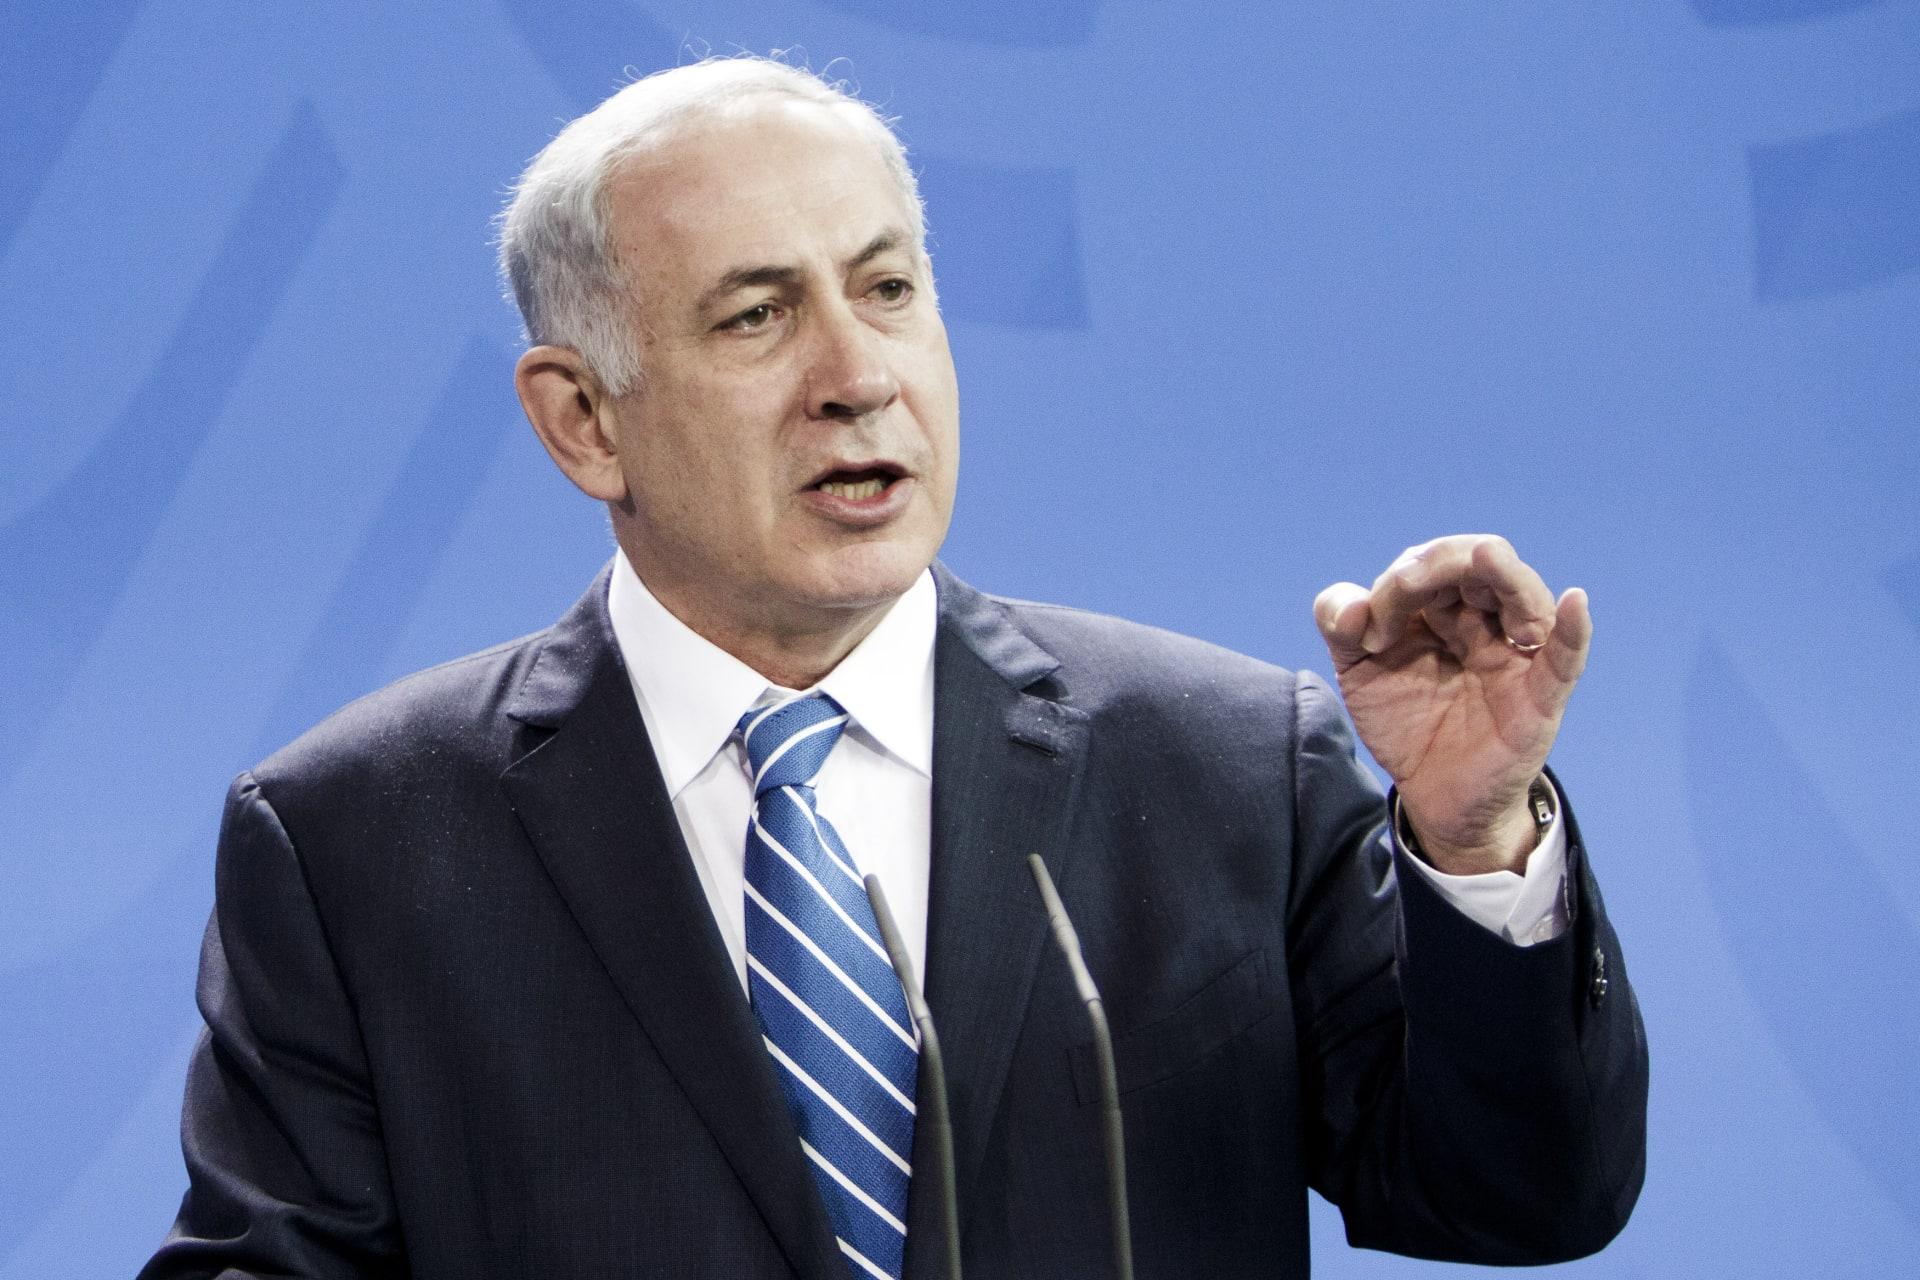 """إسرائيل تُحذر رعاياها وتدعوهم لمغادرة تركيا """"بأقرب وقت"""" إثر استهداف """"داعش"""" للدولة"""